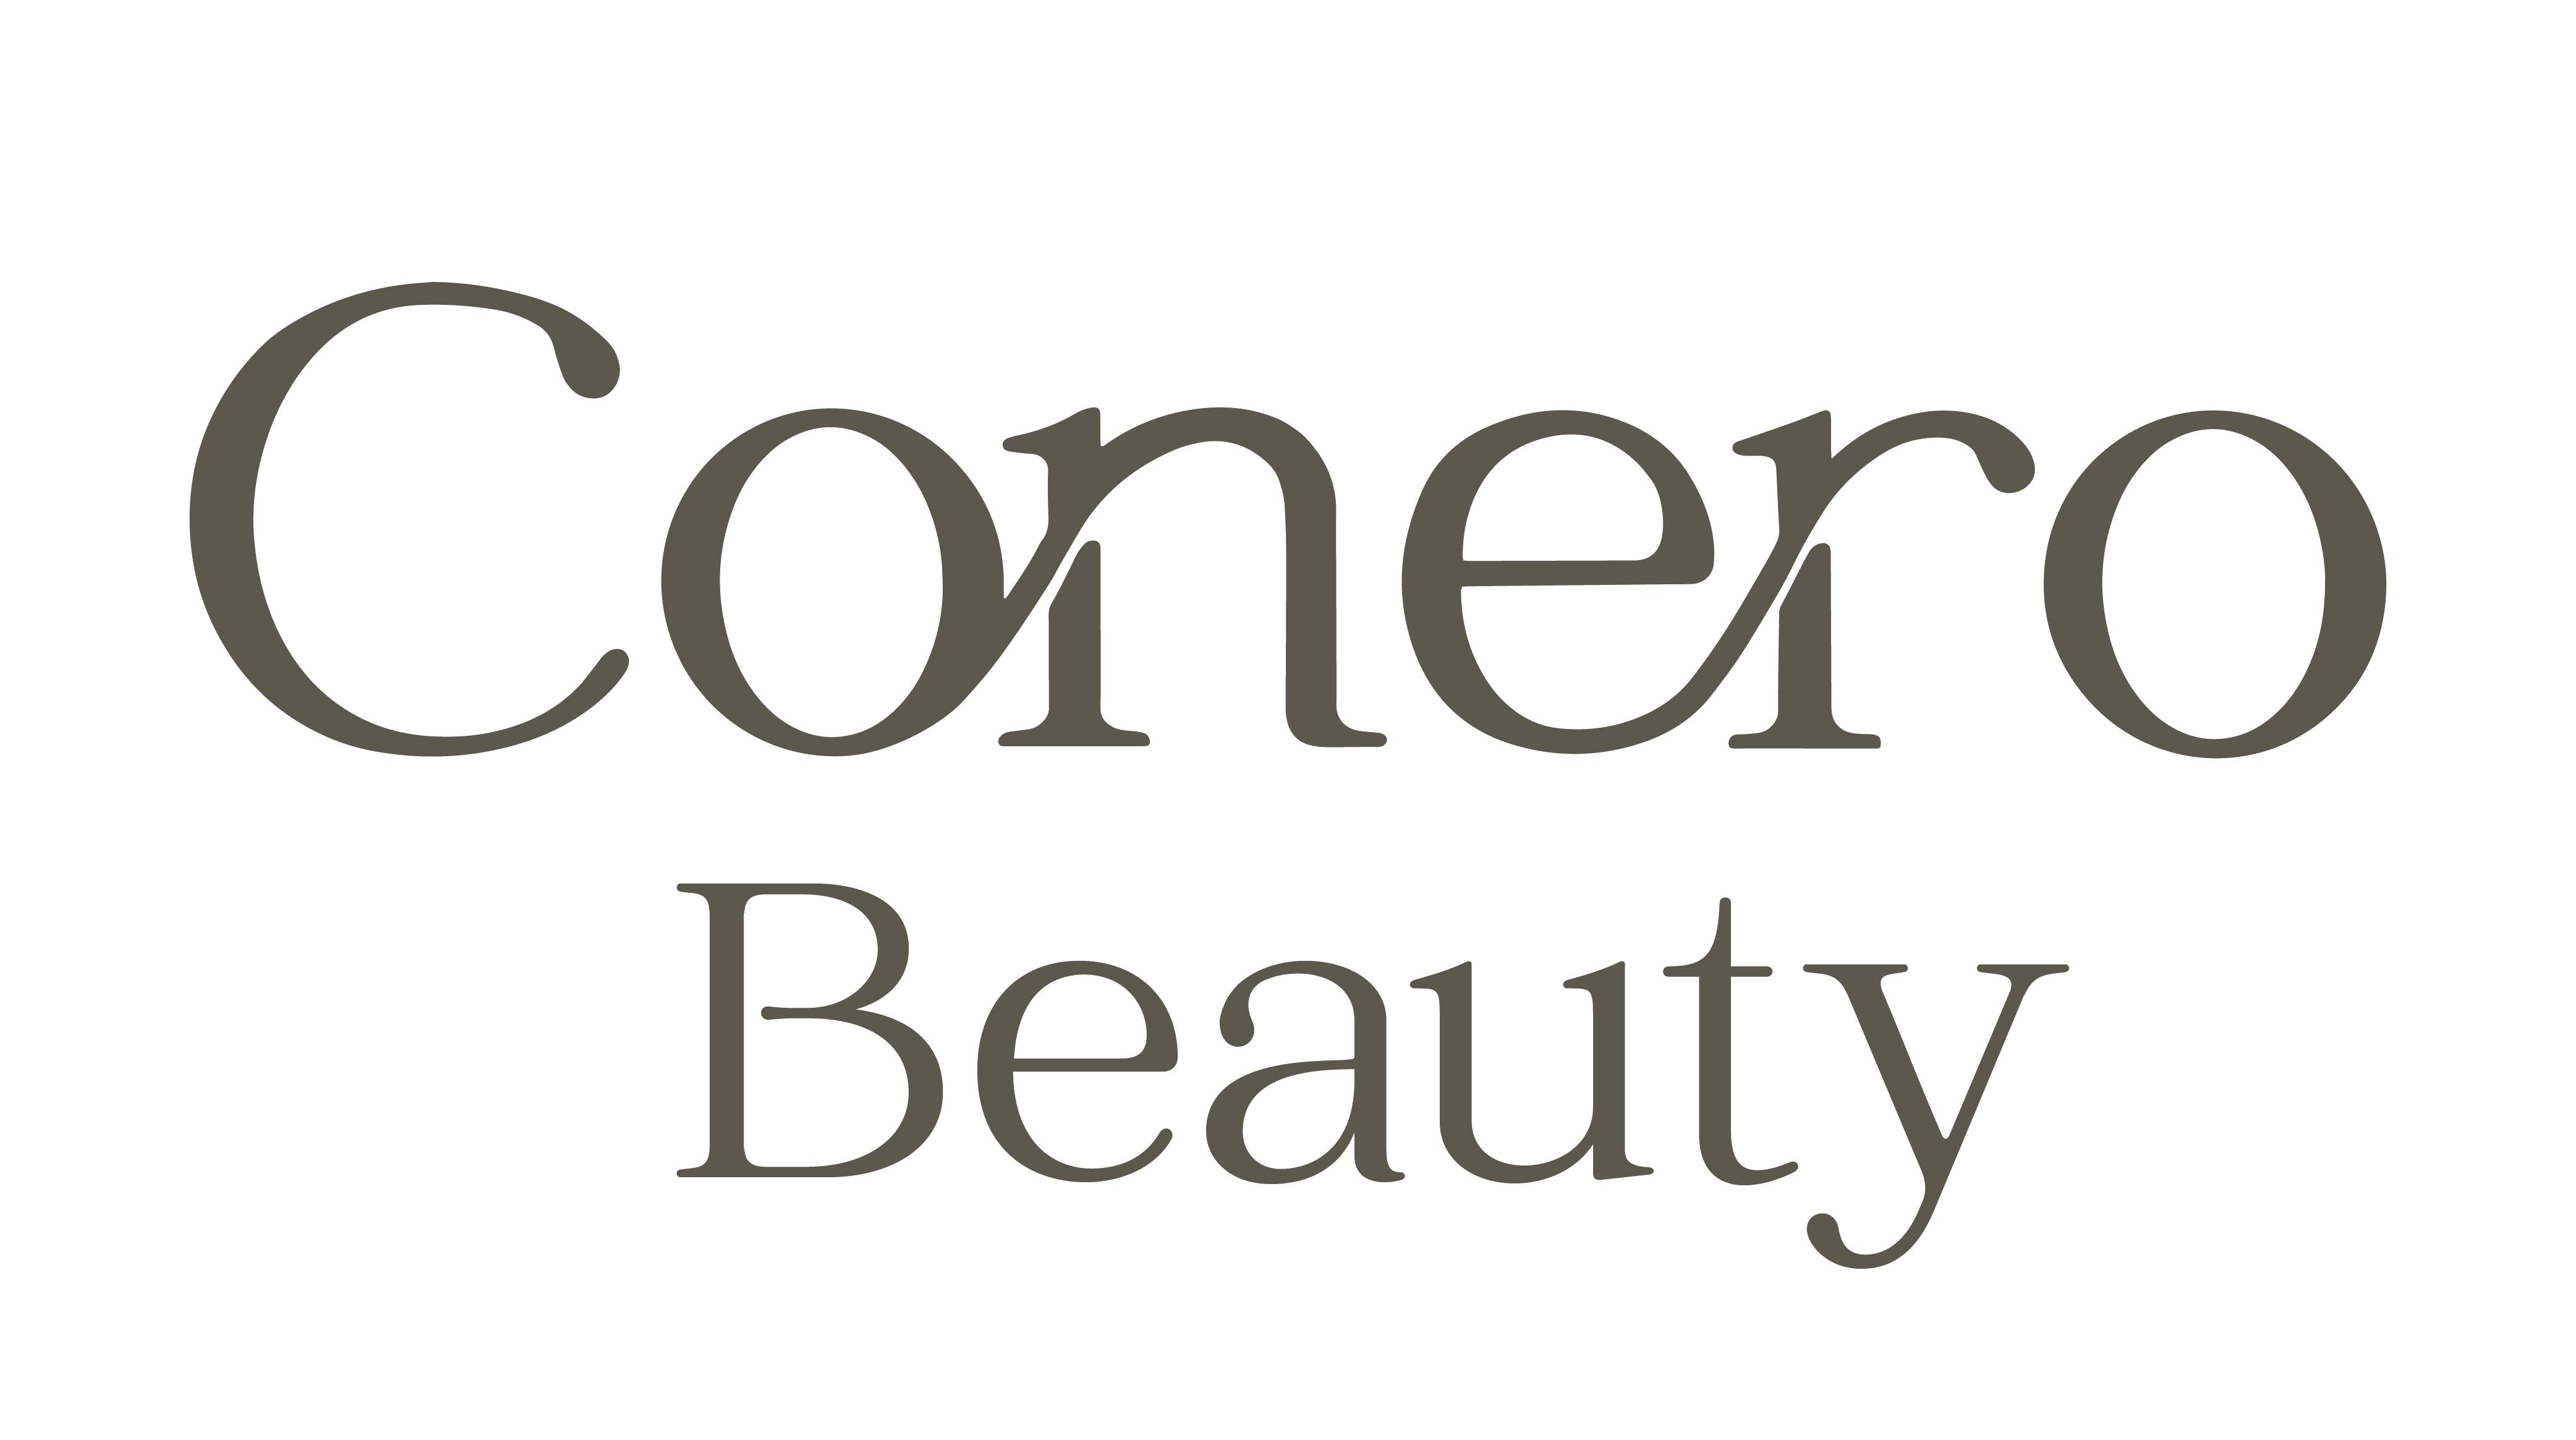 Conero Beauty